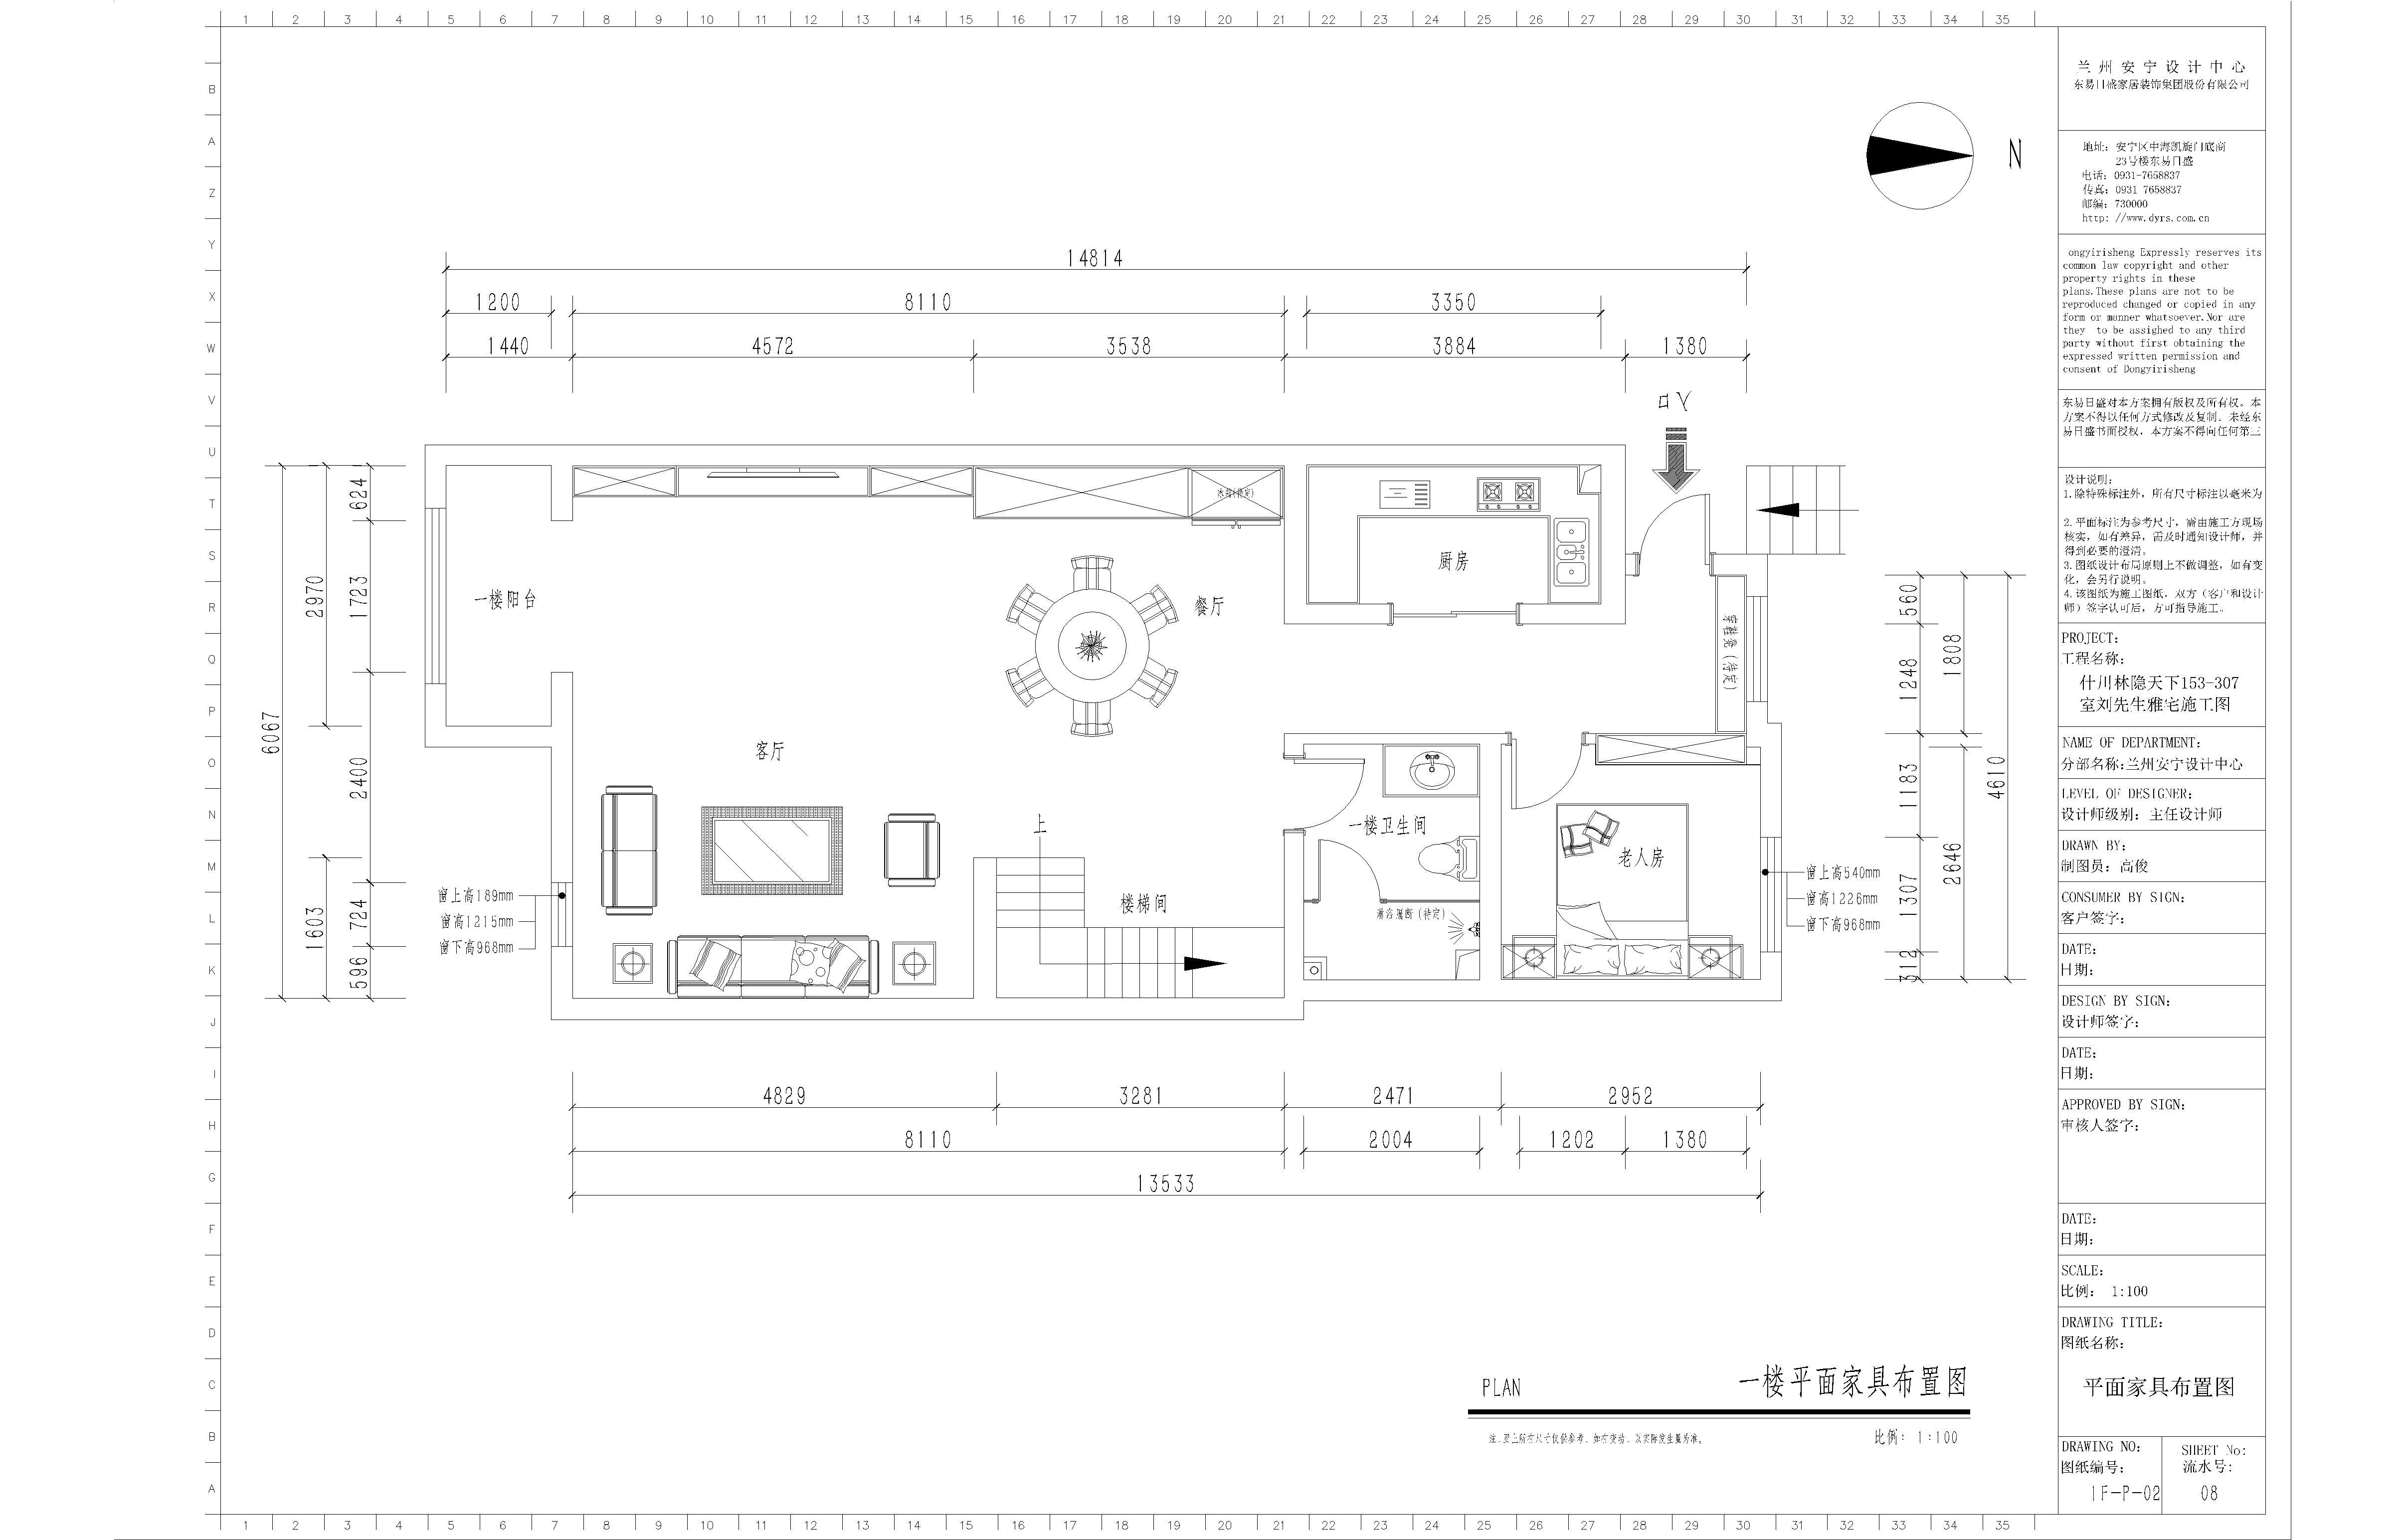 兰州林隐天下_160m/2_美式性状style装潢案例成果图装潢策划愿景